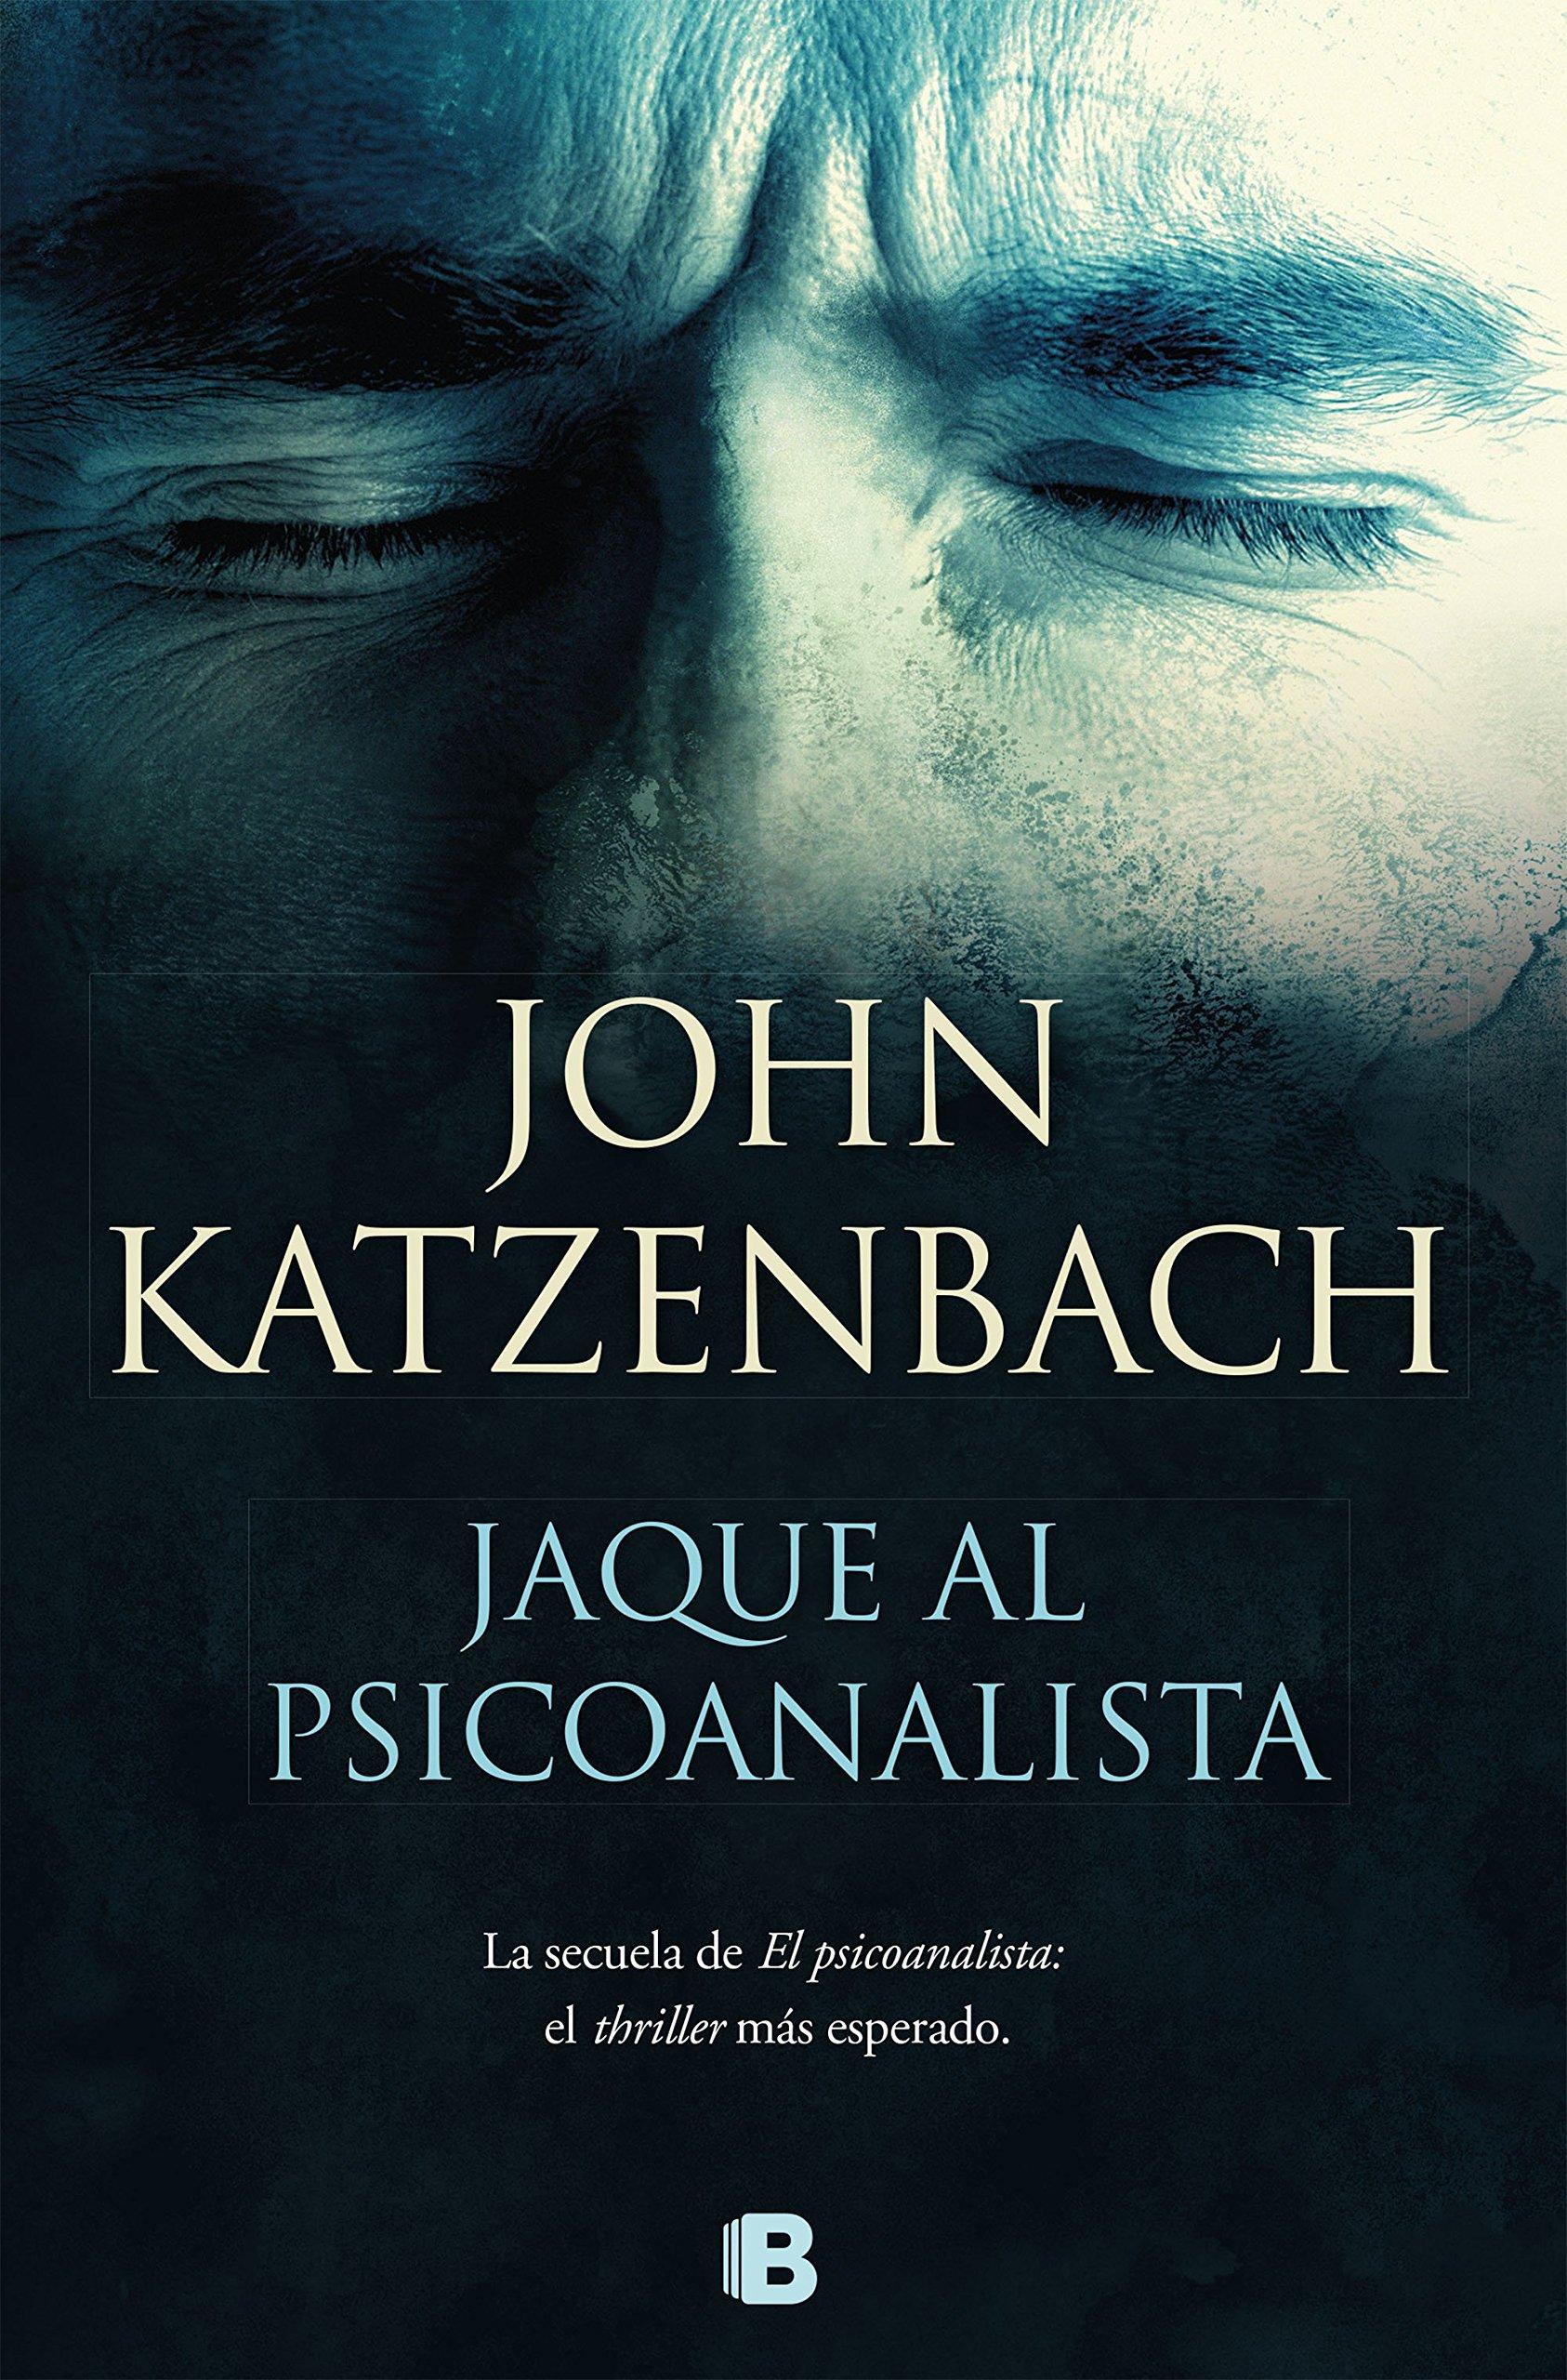 Un Jaque al psicoanalista de John Katzenbach